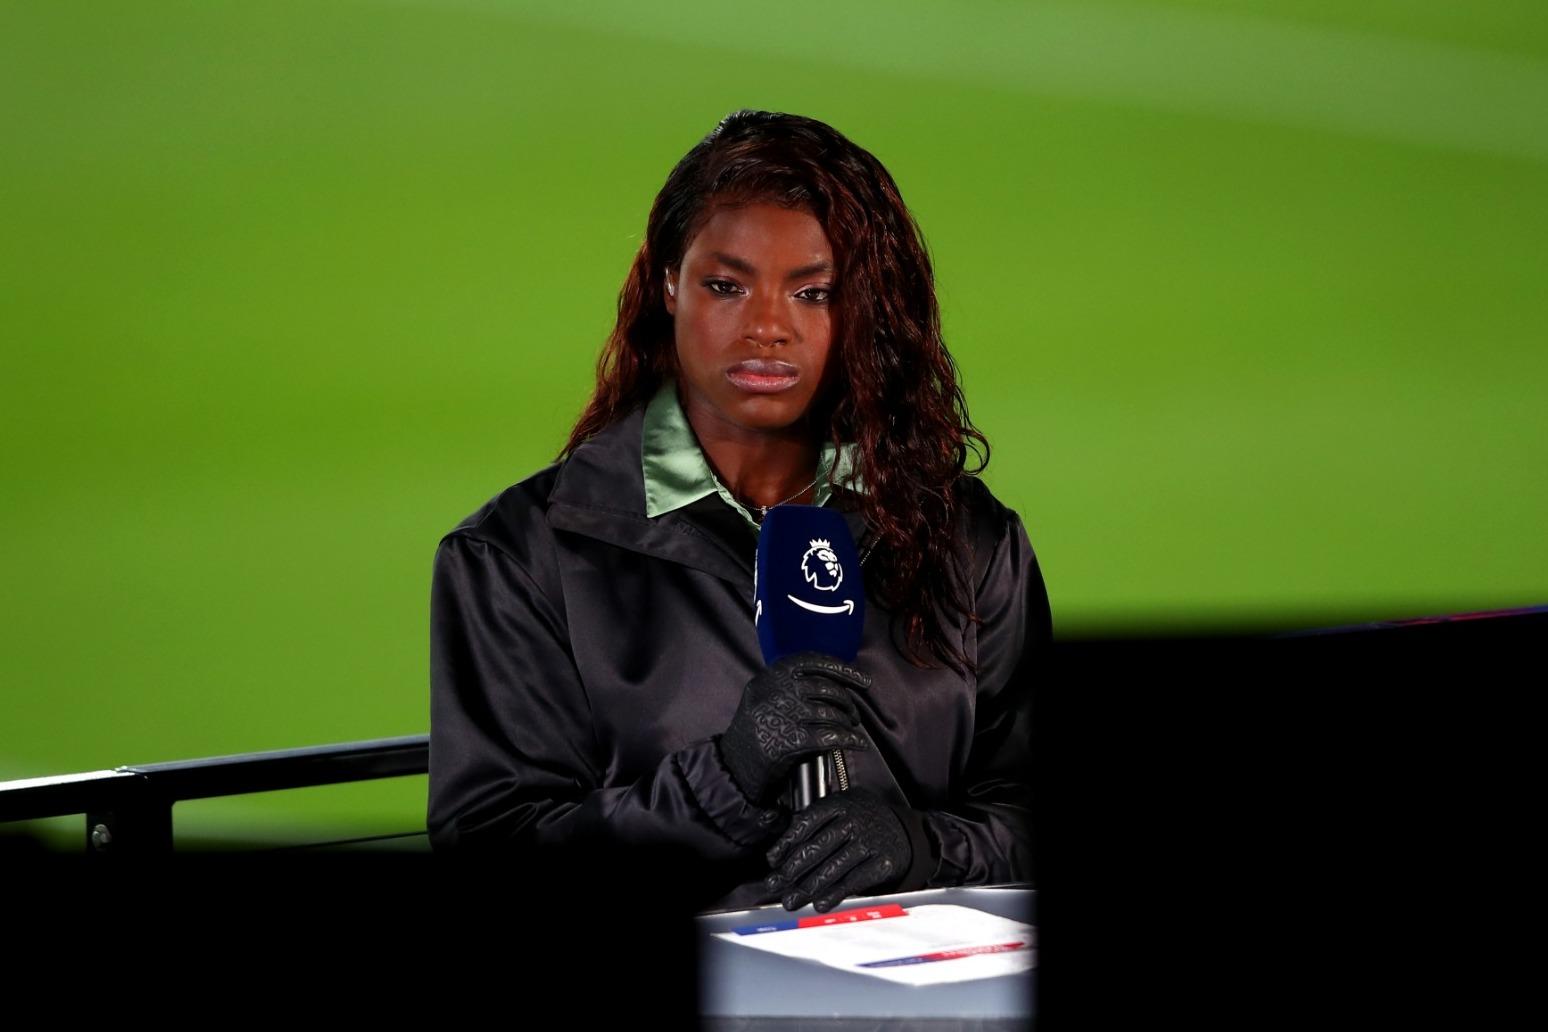 Eniola Aluko leaves Aston Villa Women sporting director role